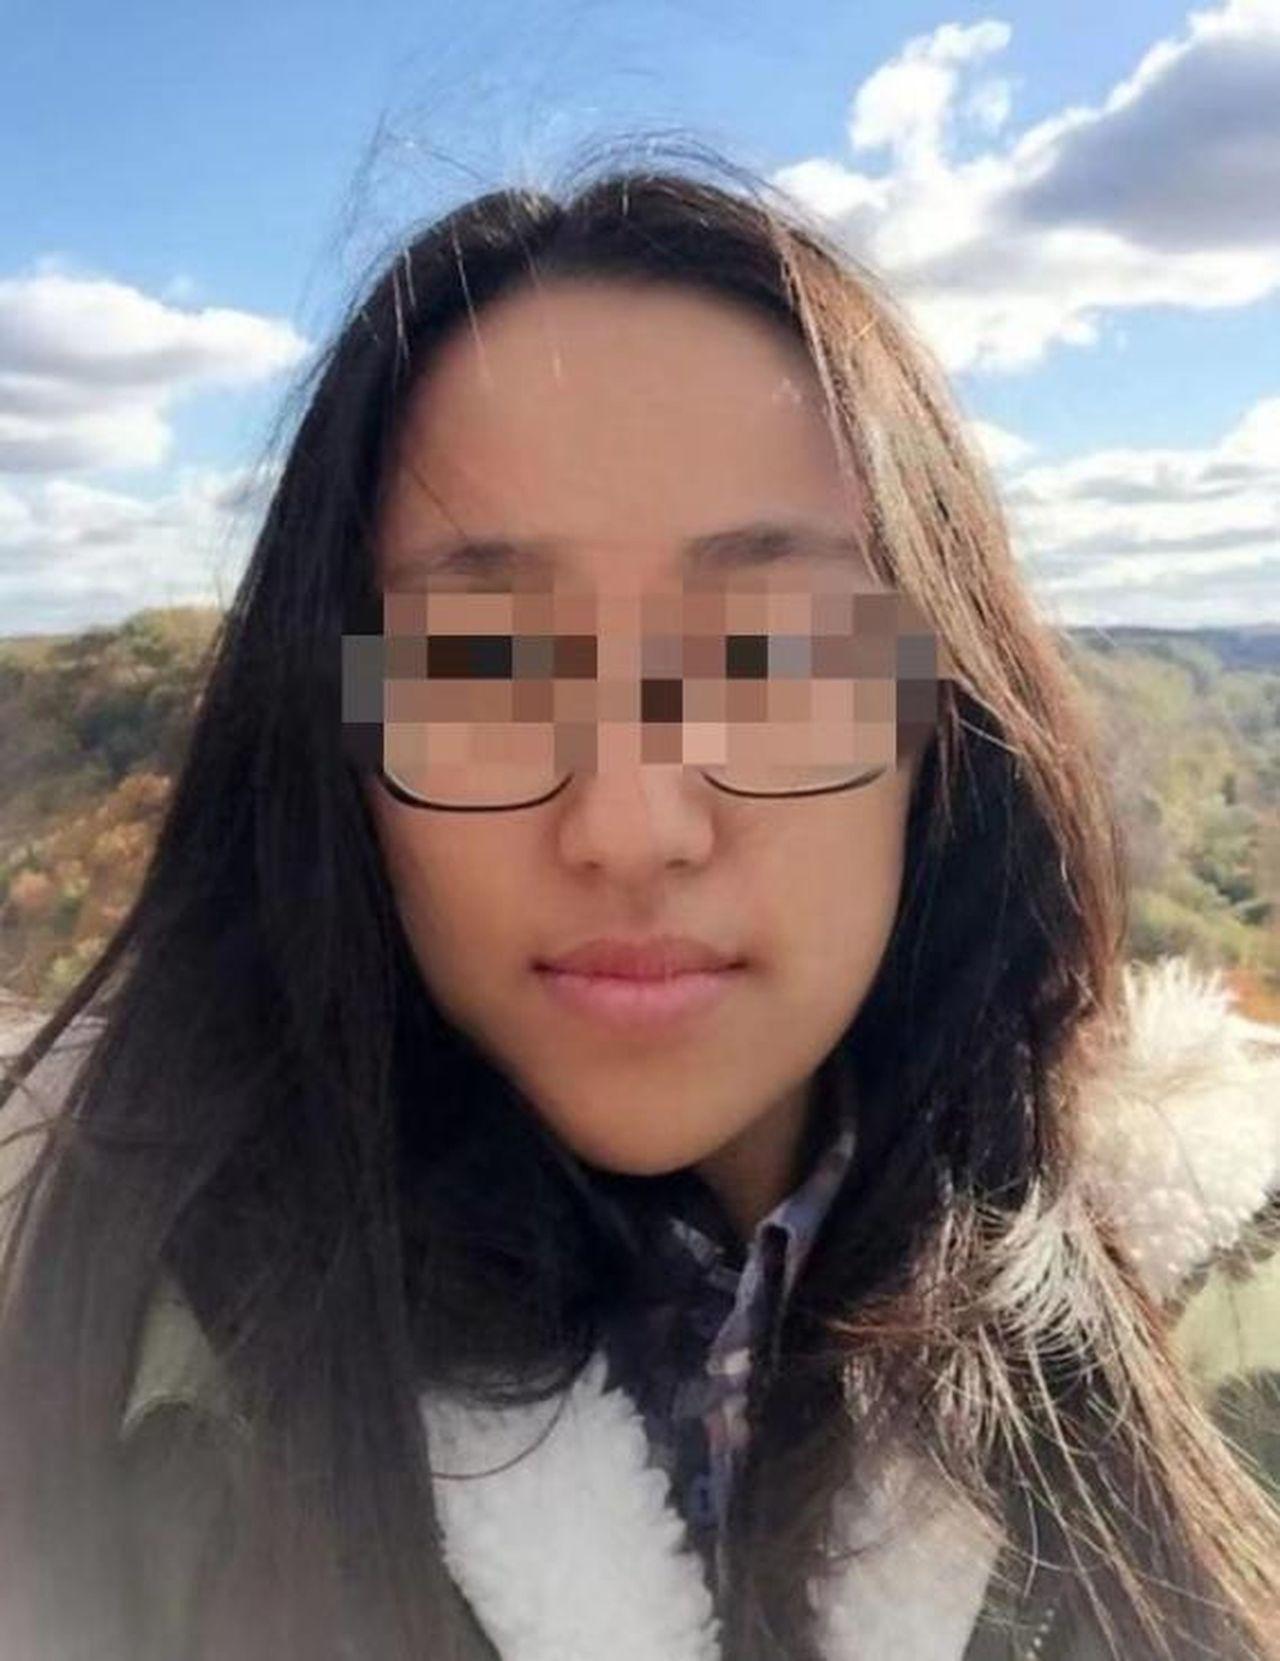 中國留學生在加拿大失聯超4天,所駕車輛疑在網上待售。 (取材自新京報)